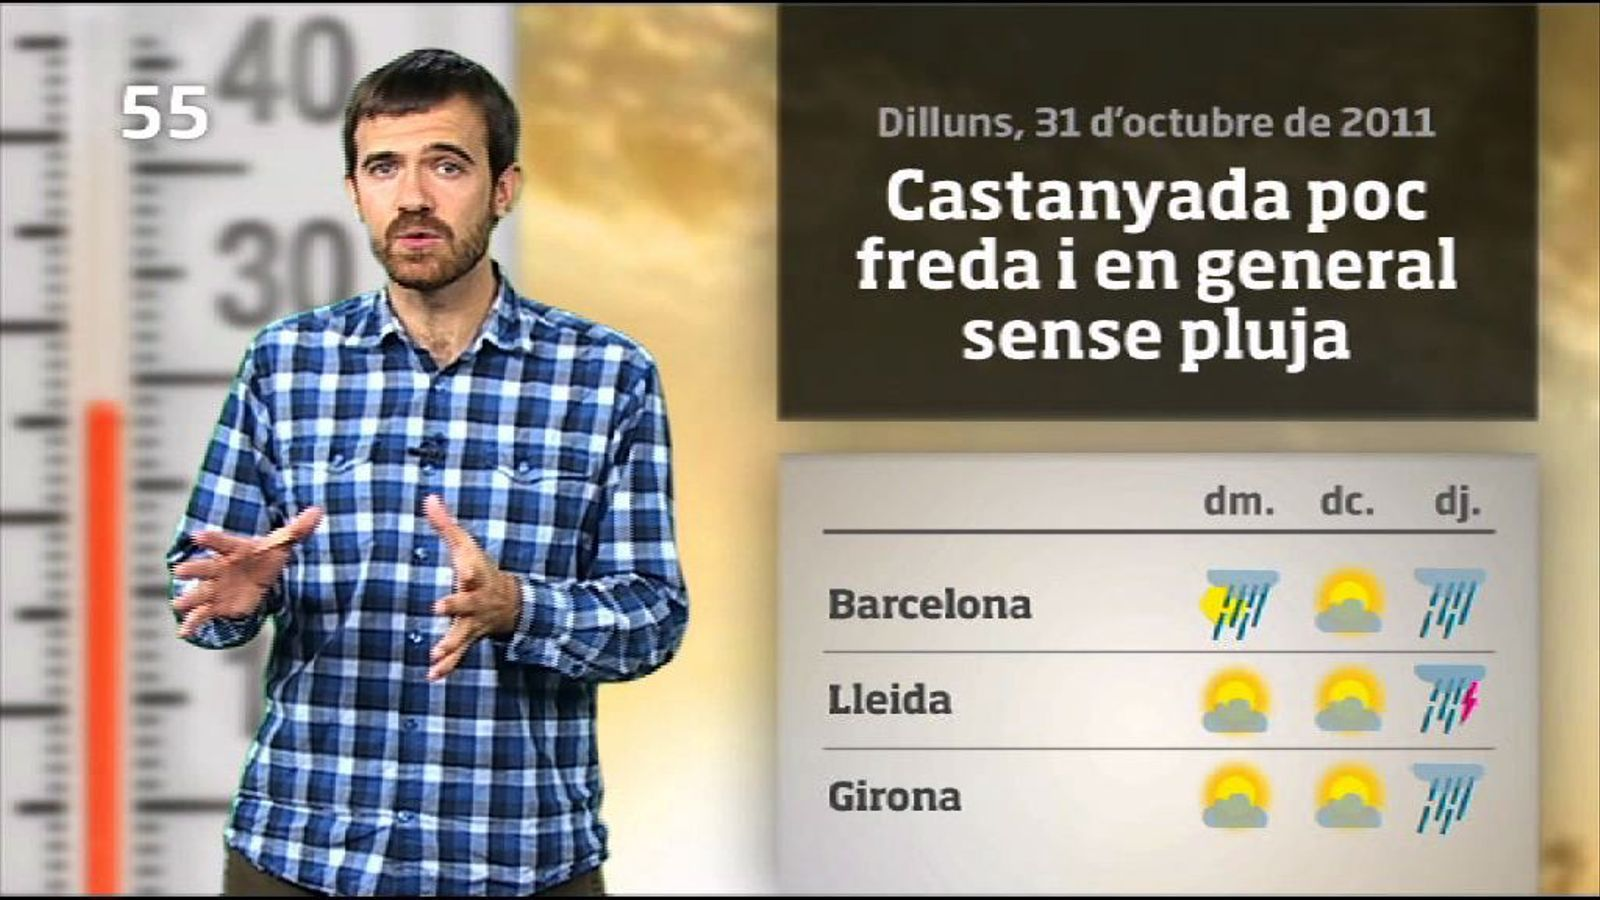 La méteo en 1 minut: castanyada poc freda i pluges a la vista (01/11/2011)